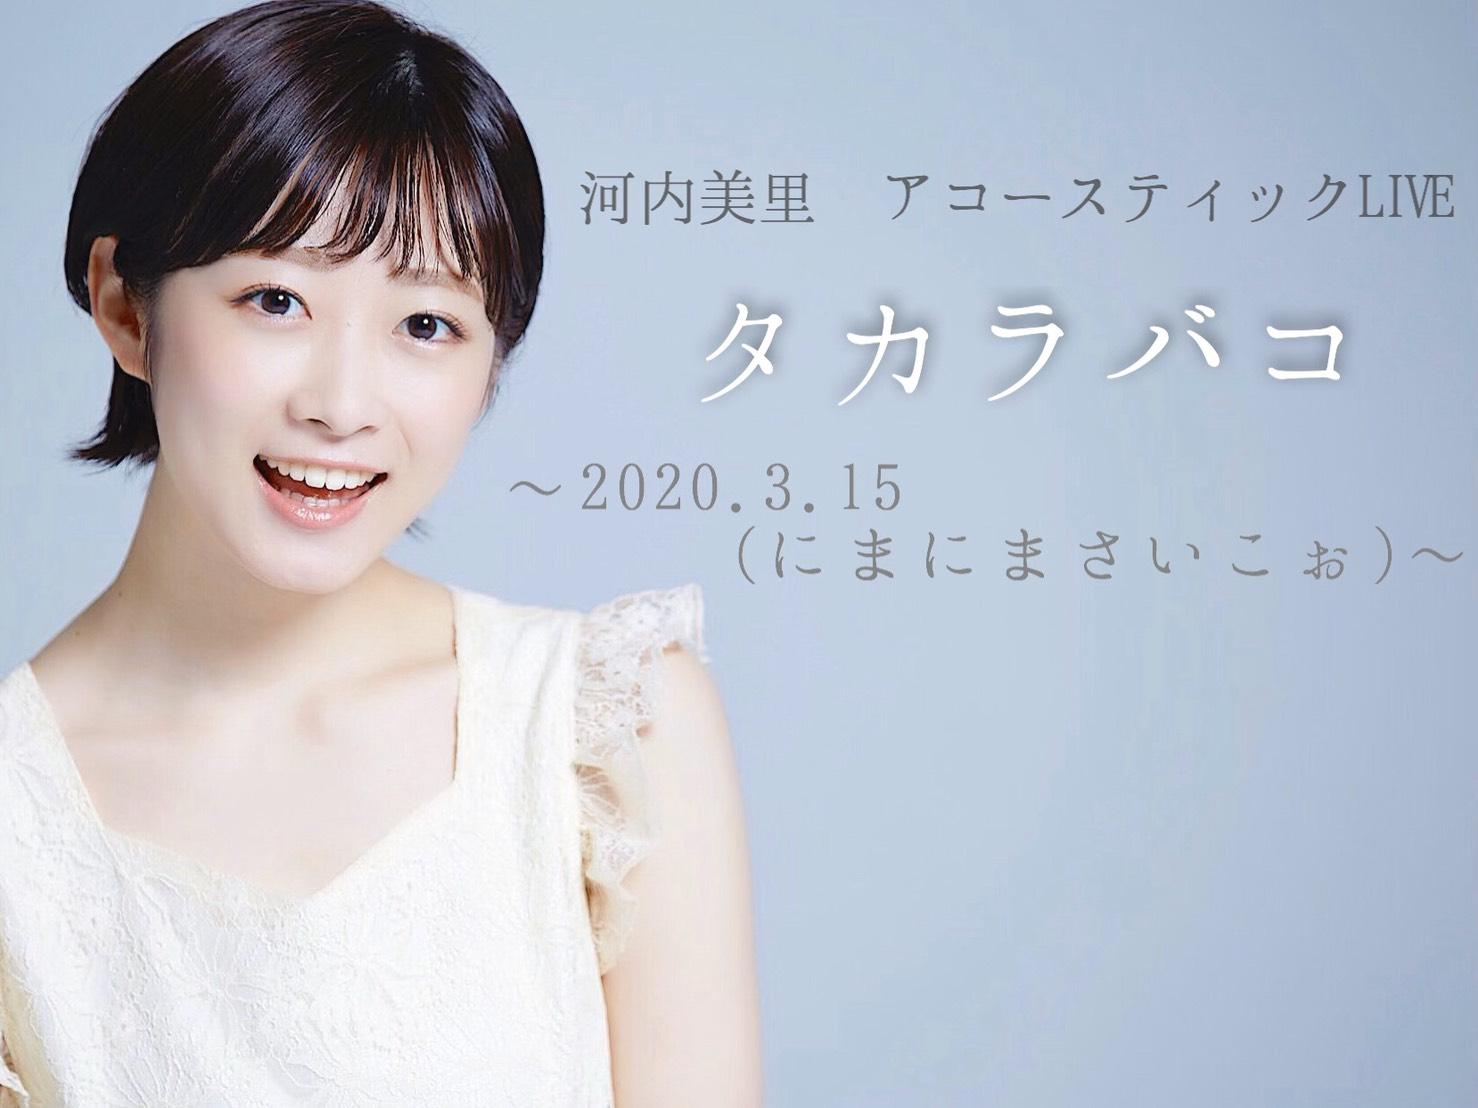 河内美里 アコースティックLIVE 「タカラバコ〜2020.3.15(ににまさいこぉ)〜」